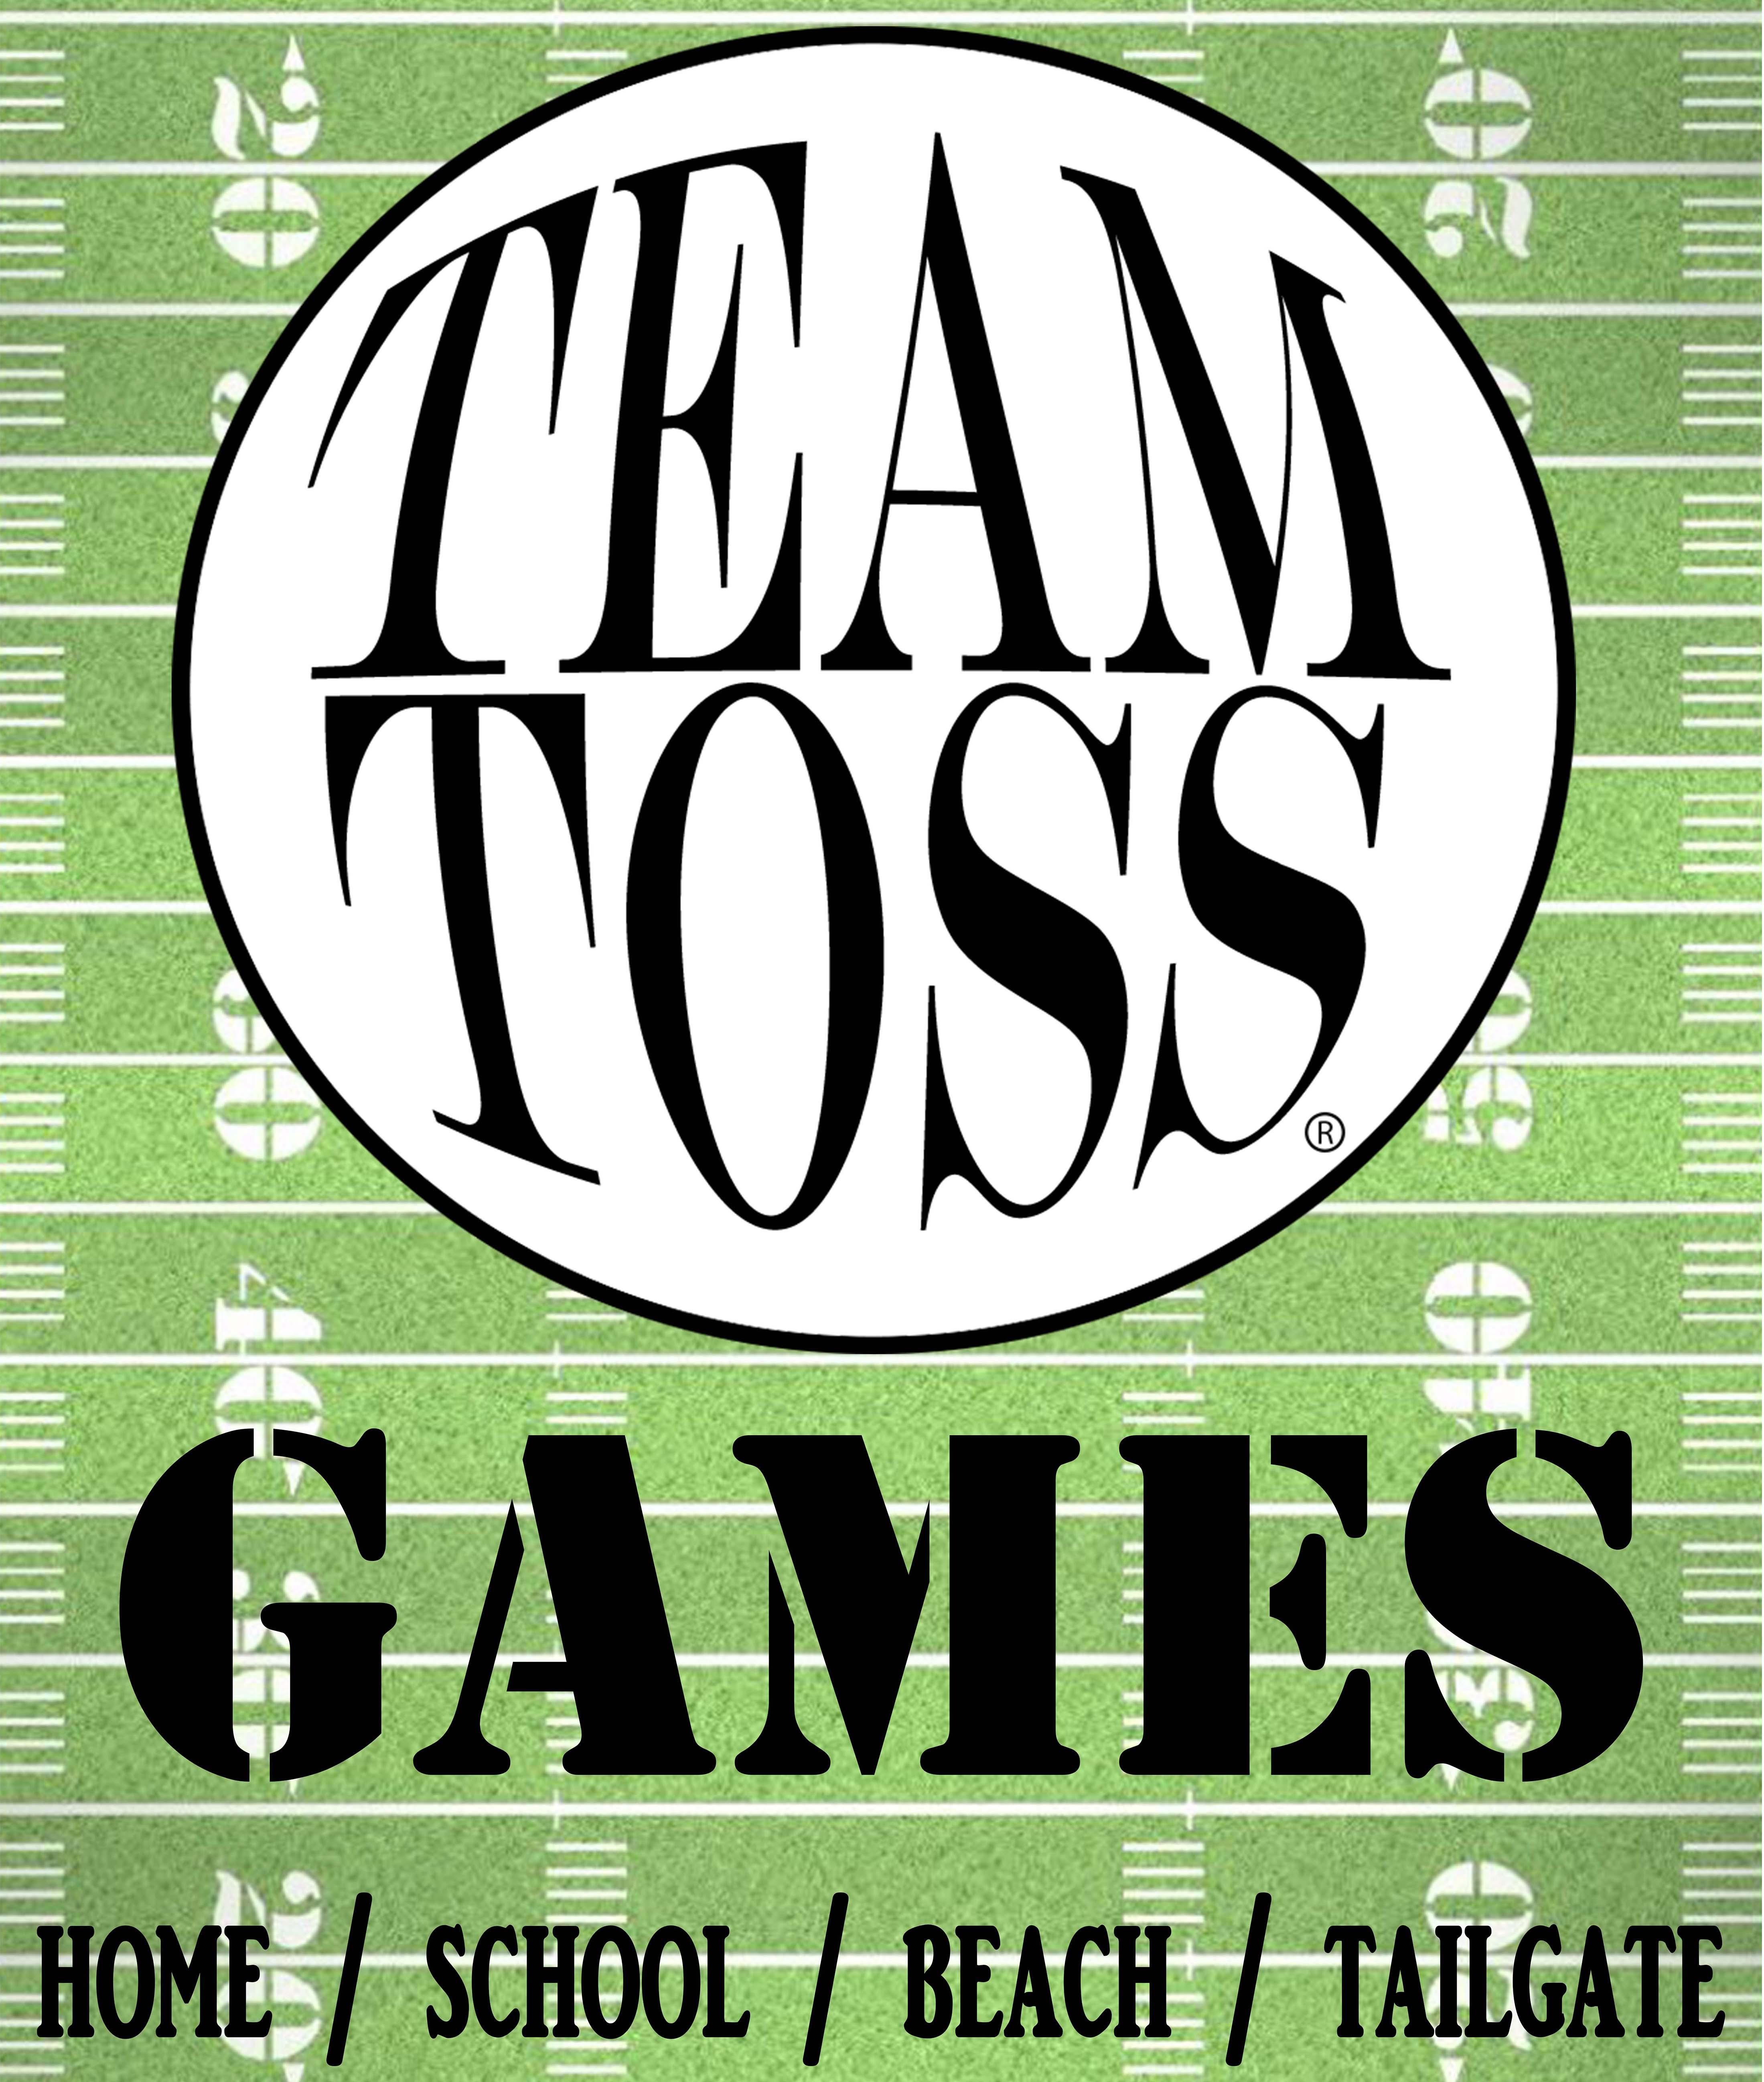 Team Toss